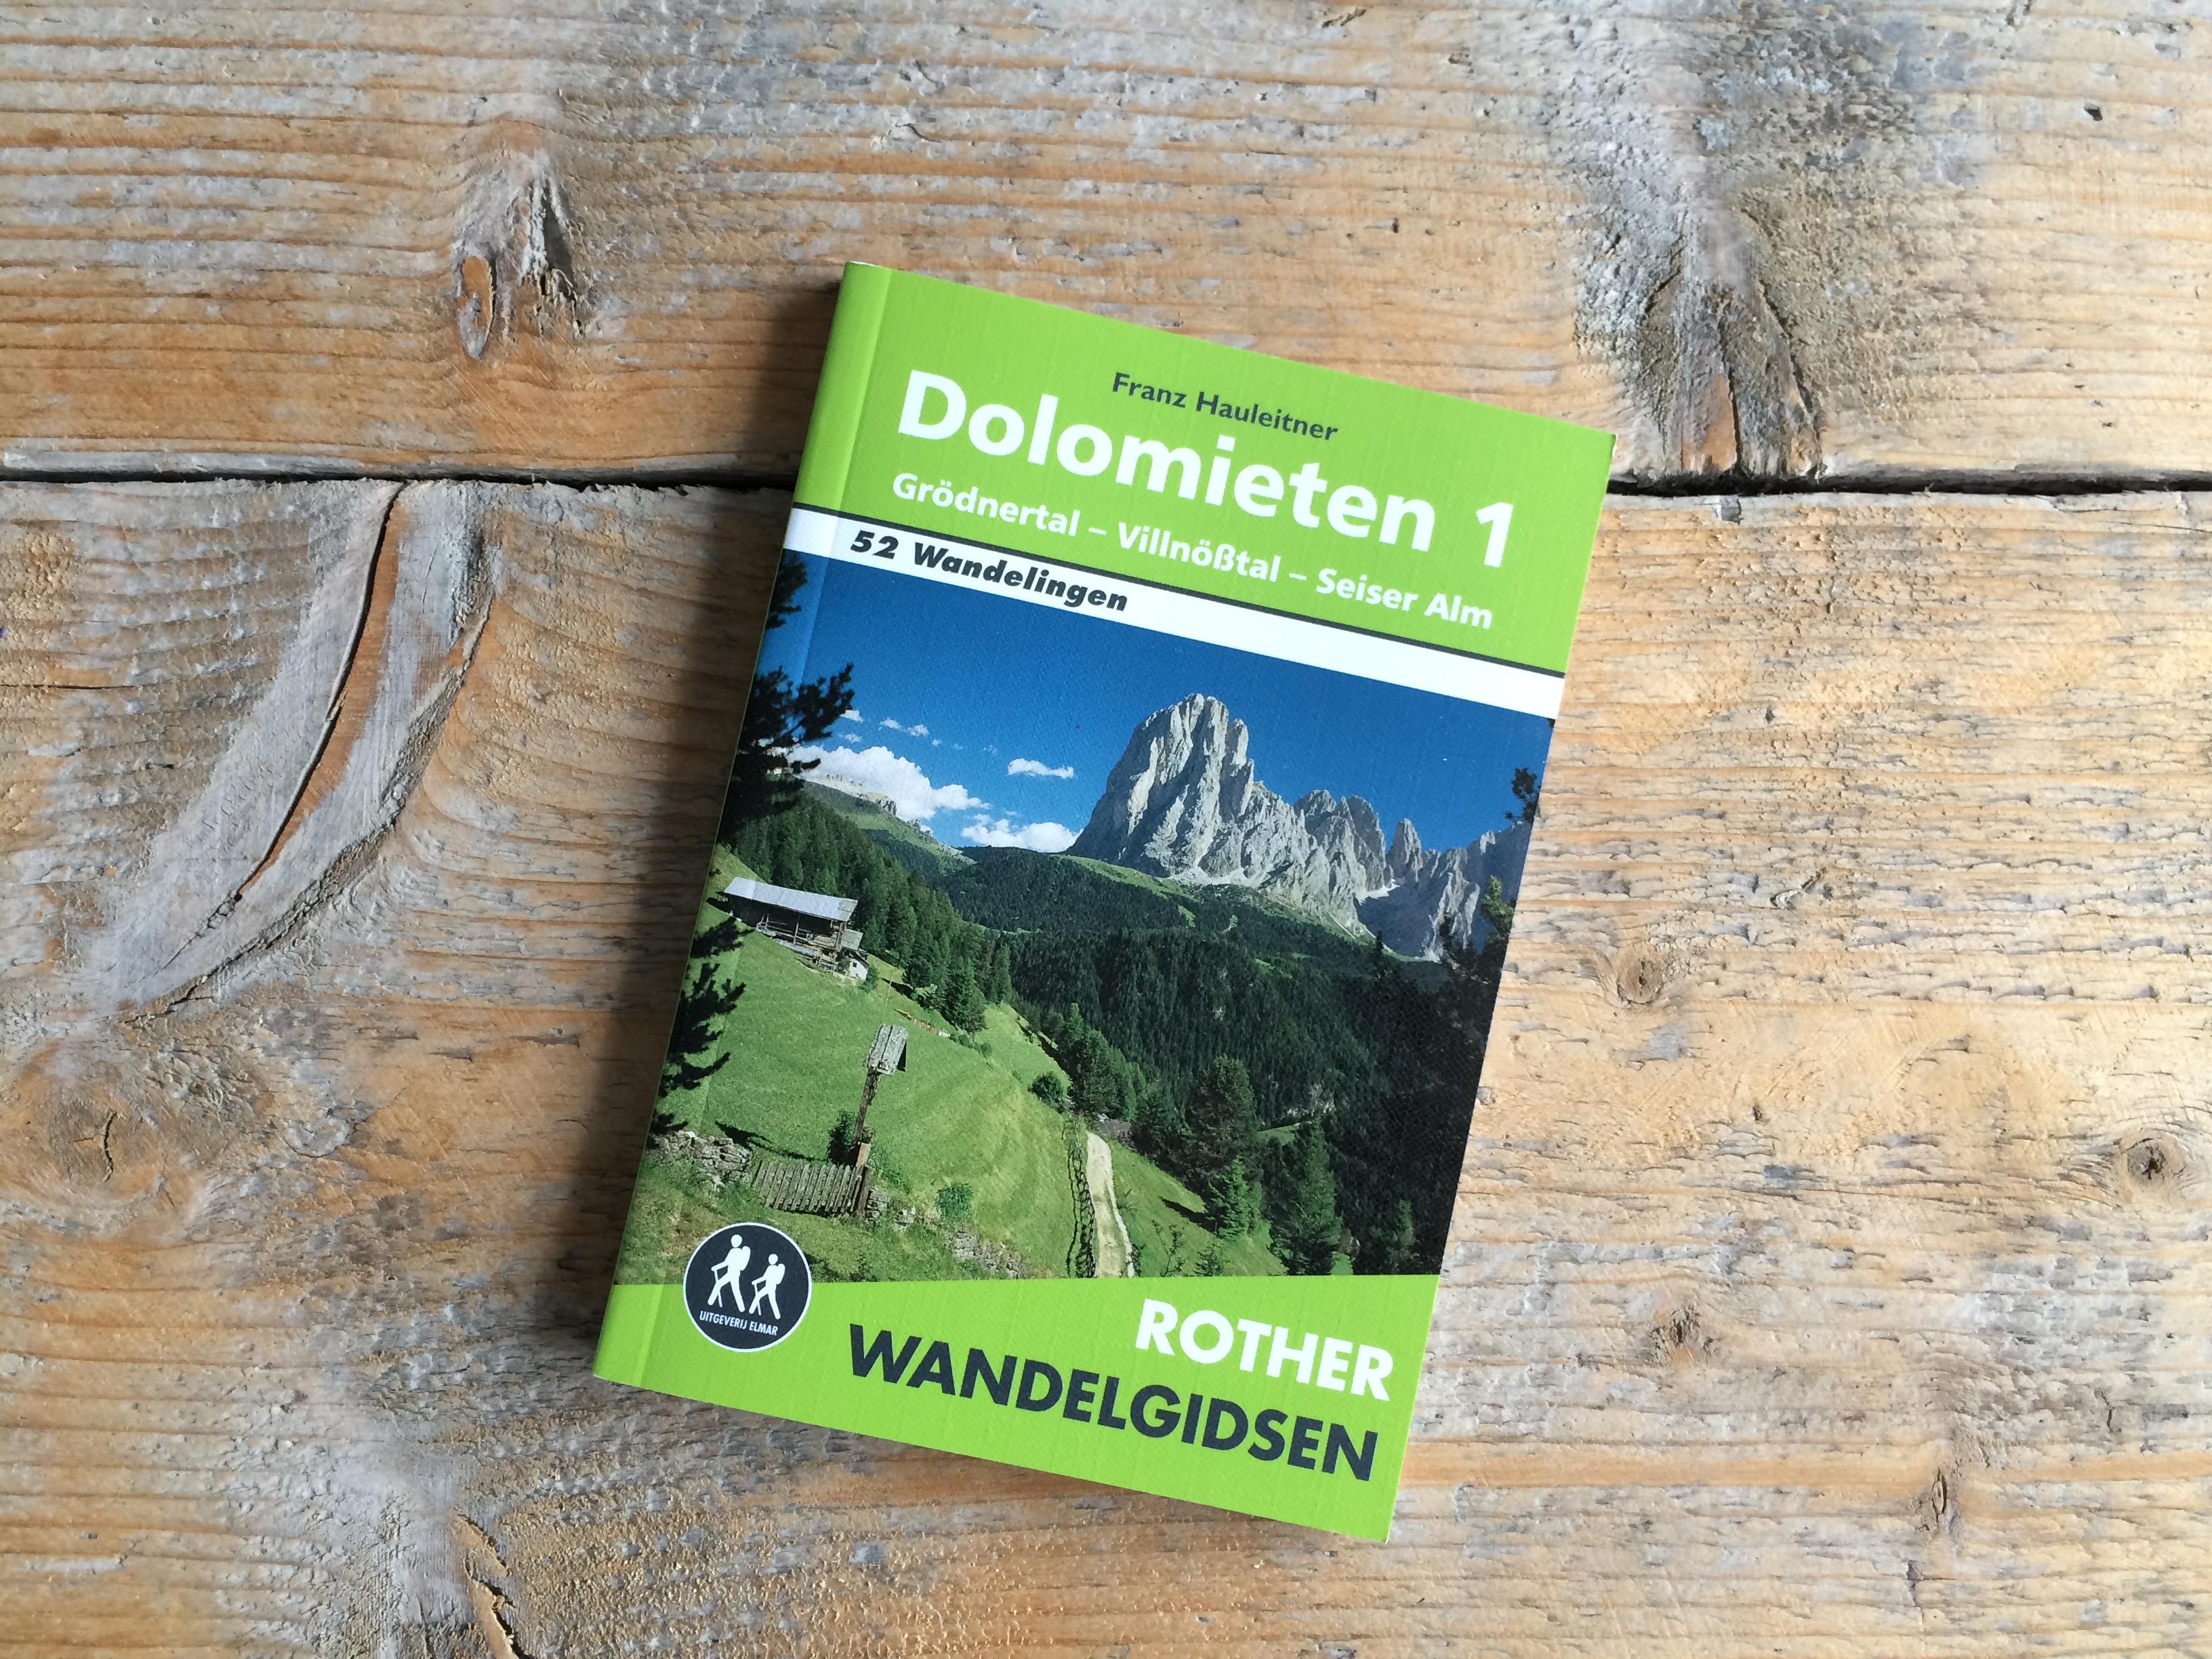 Wandelgids Rother Dolomieten 1